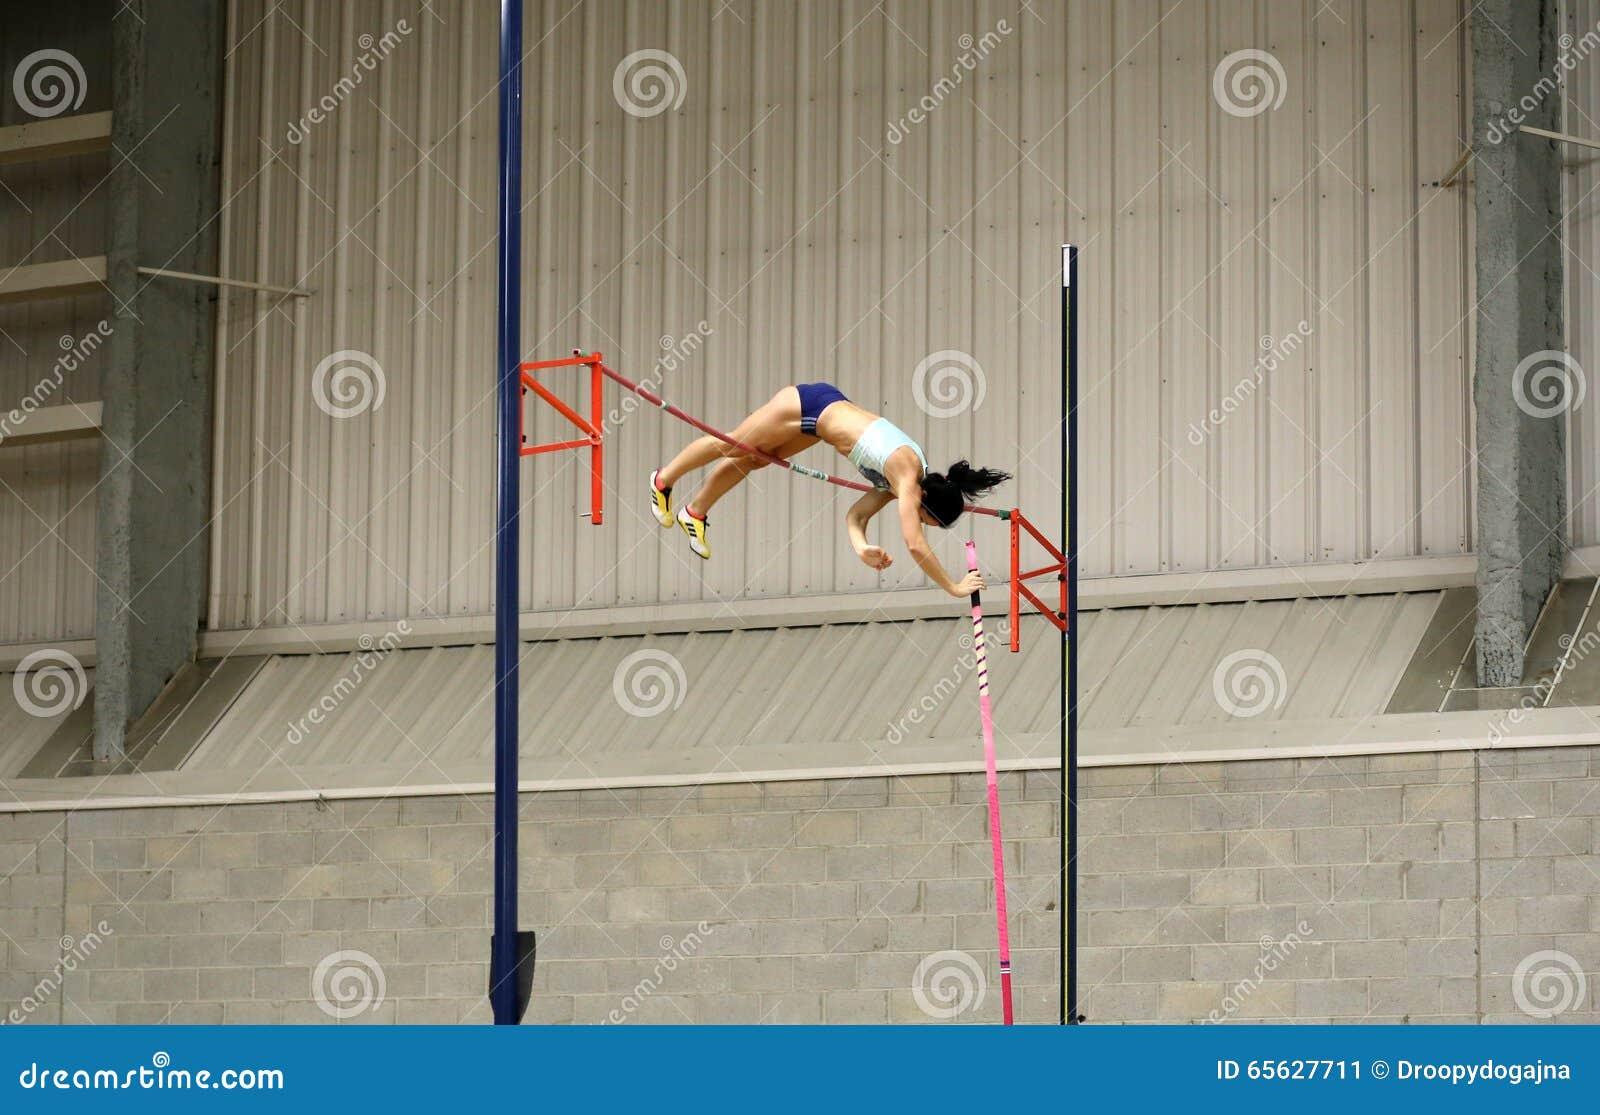 Athlète féminin concurrençant dans la chambre forte de poteau